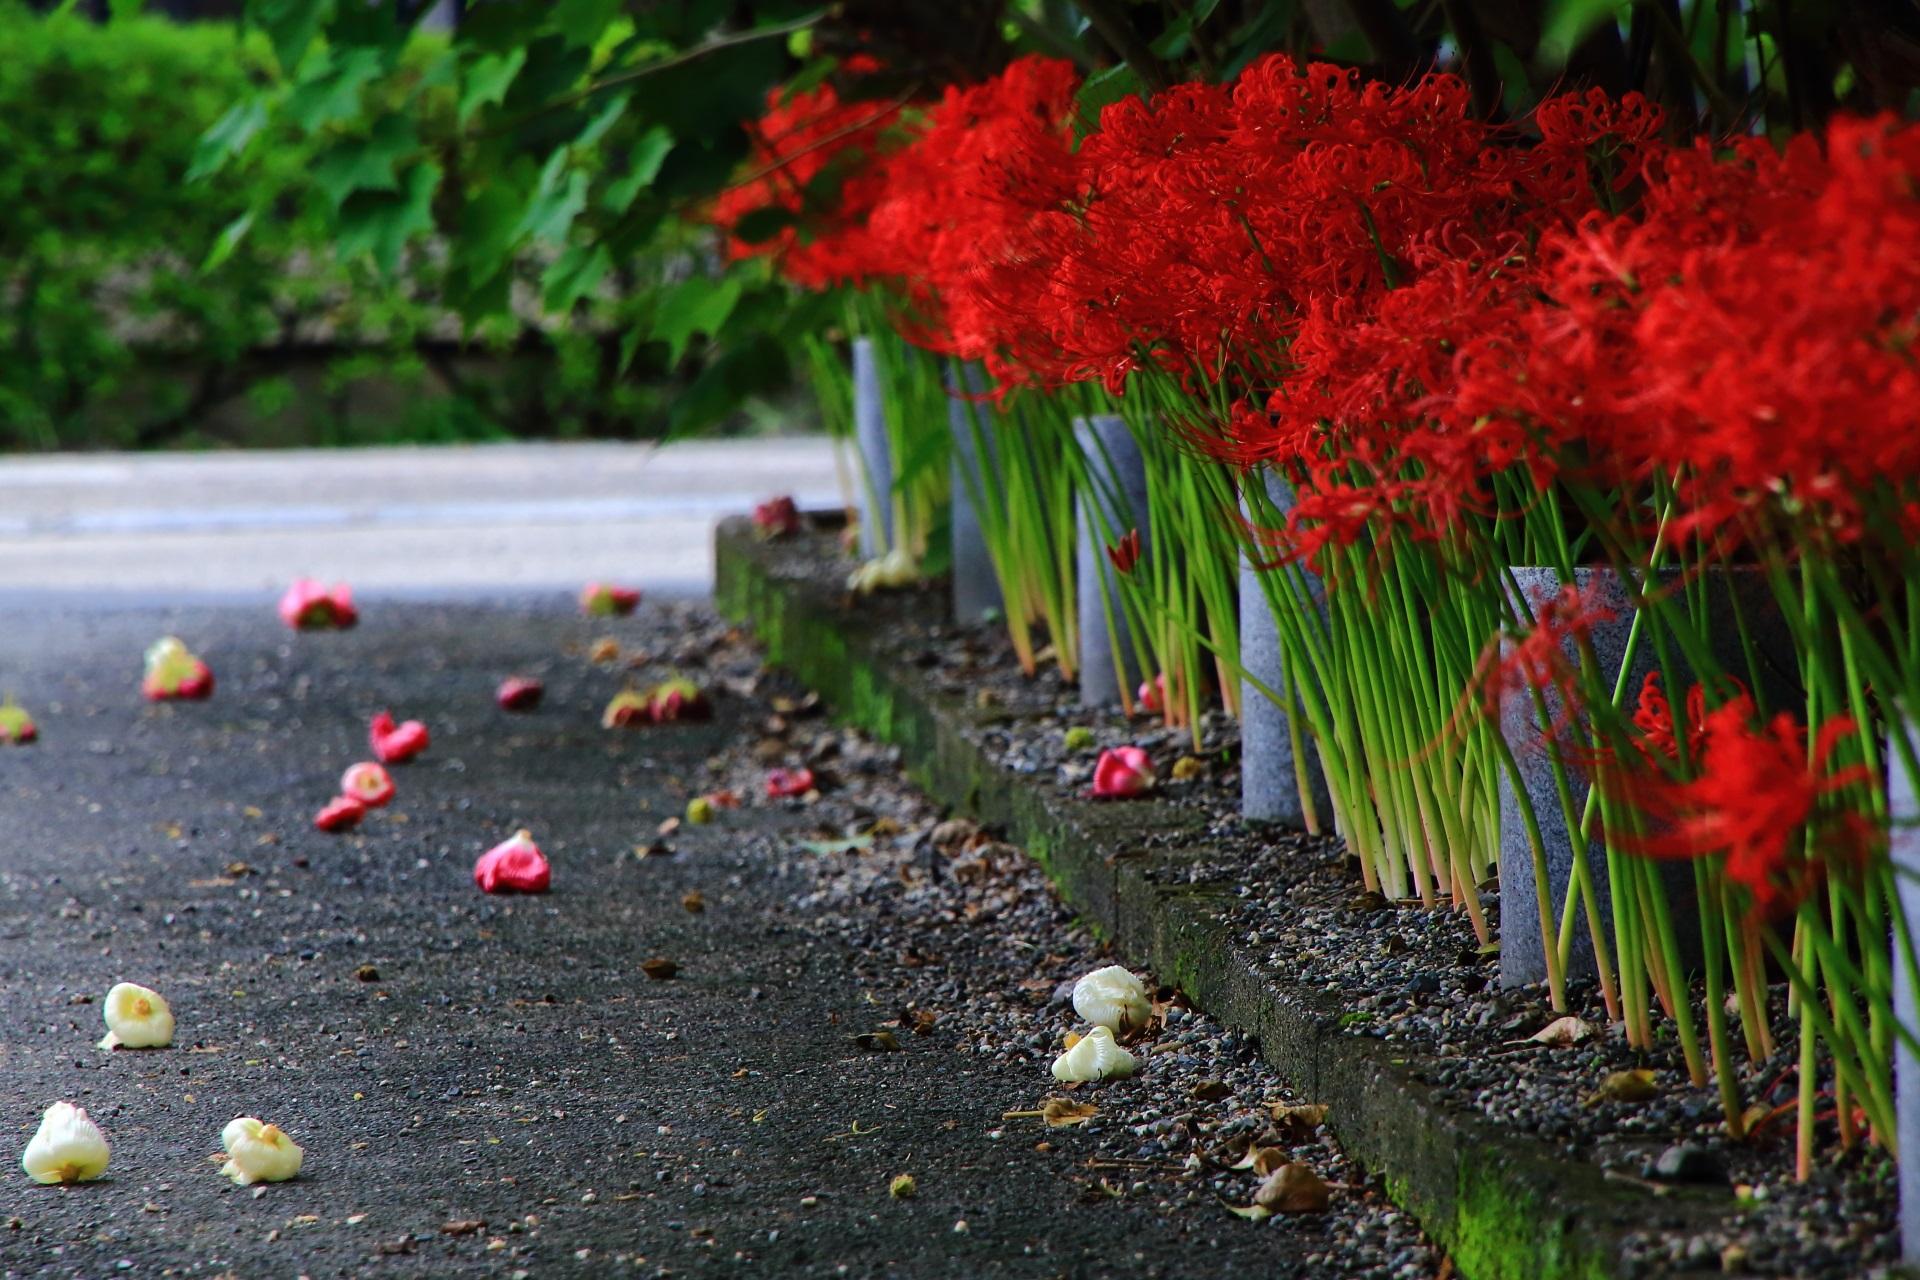 妙蓮寺の丸くなって散る芙蓉の花と彼岸花